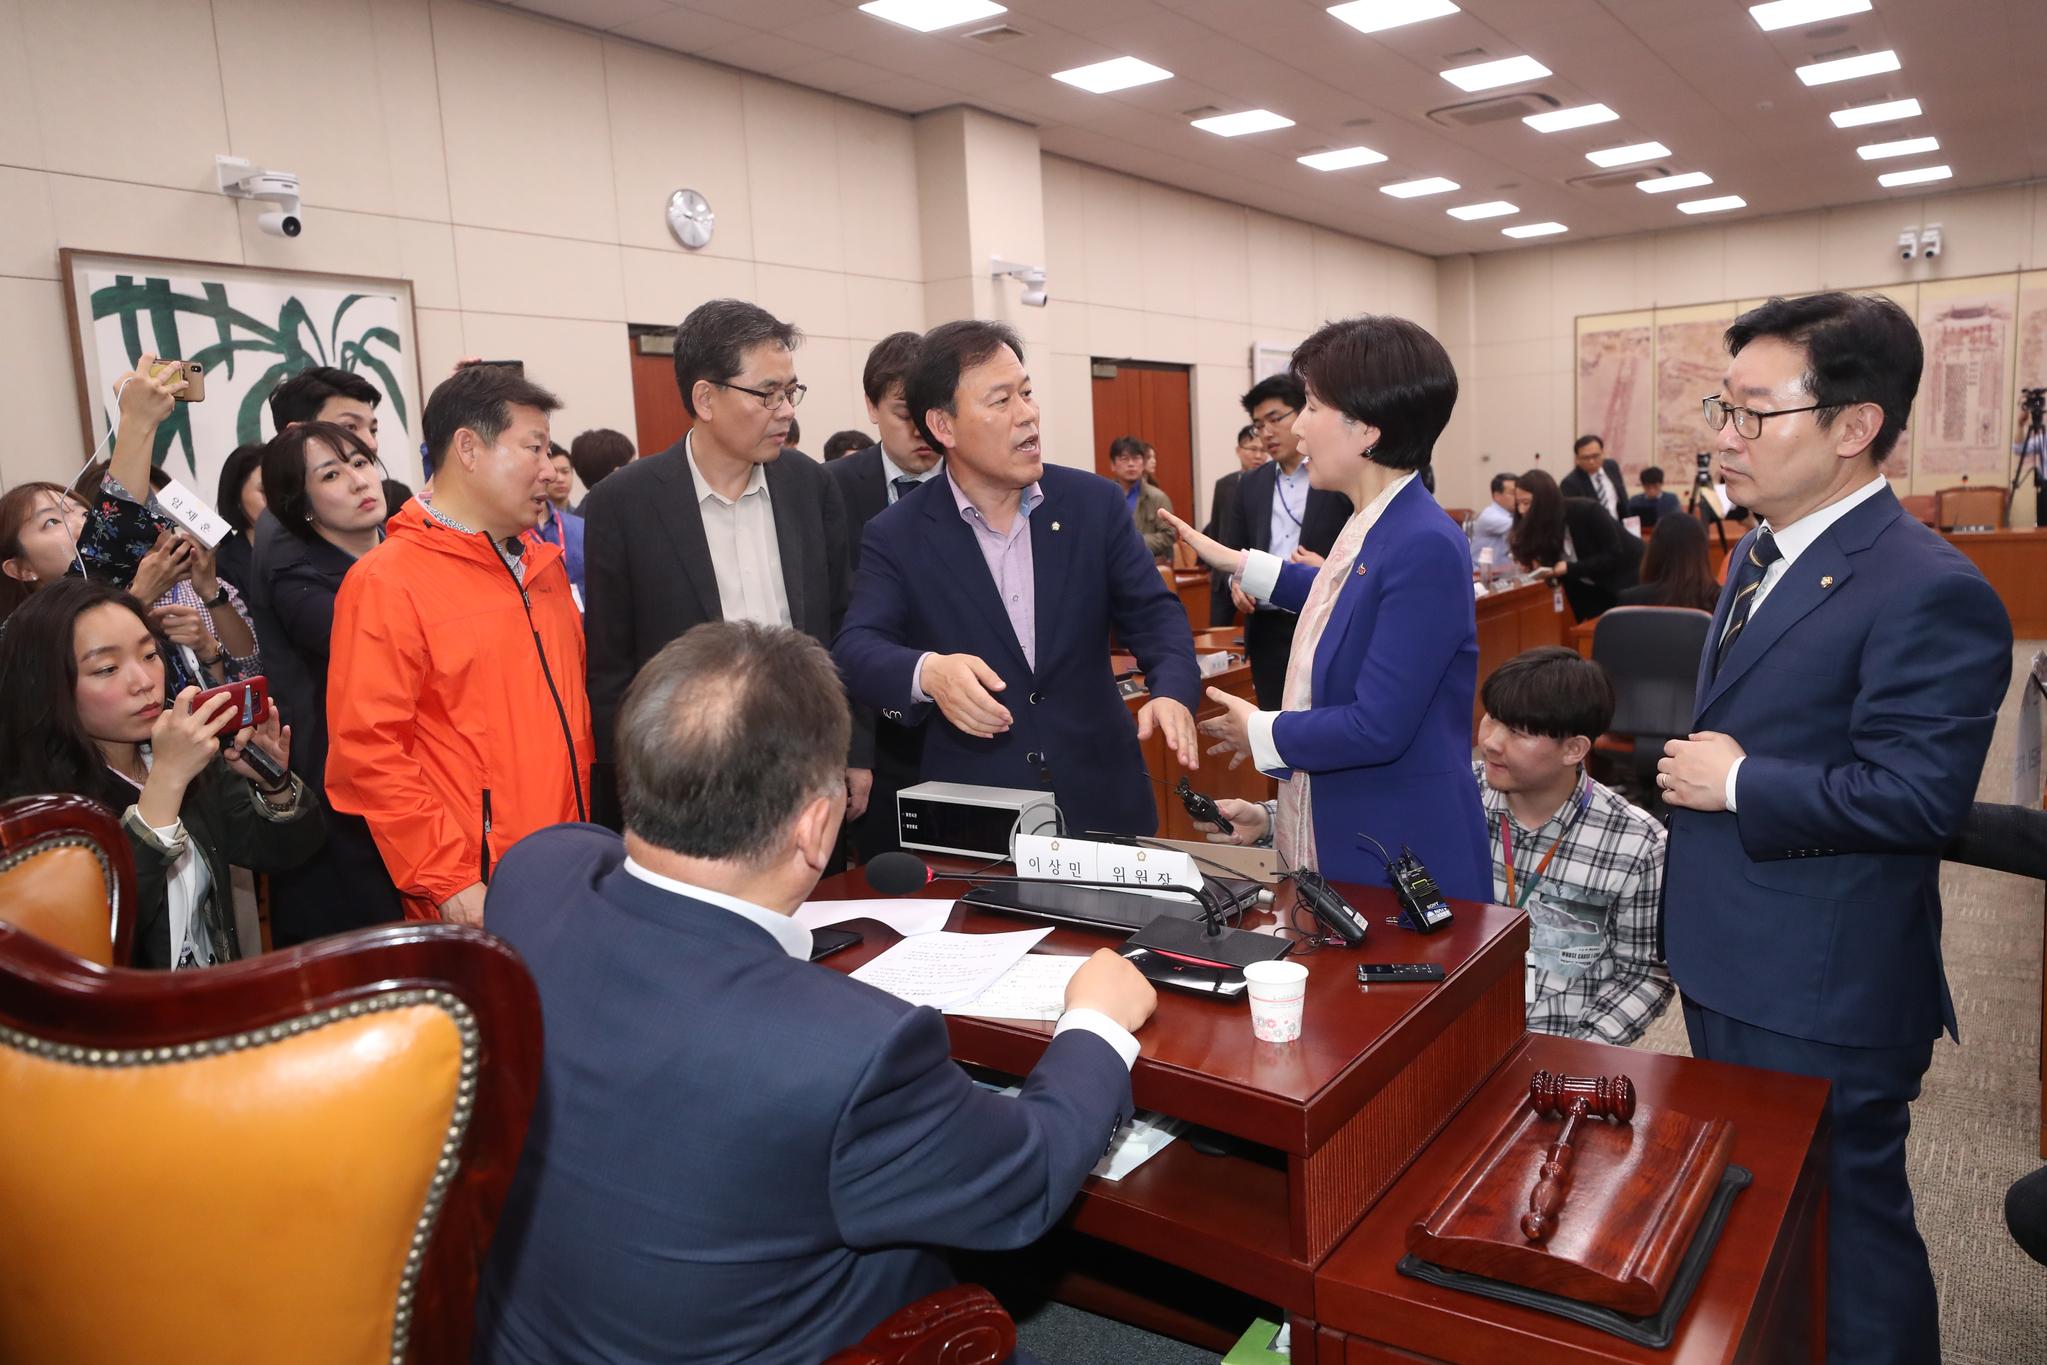 자유한국당 의원들이 26일 문체위 회의실로 사개특위 장소를 변경한 이상민 위원장에게 항의하고 있다. [연합뉴스]